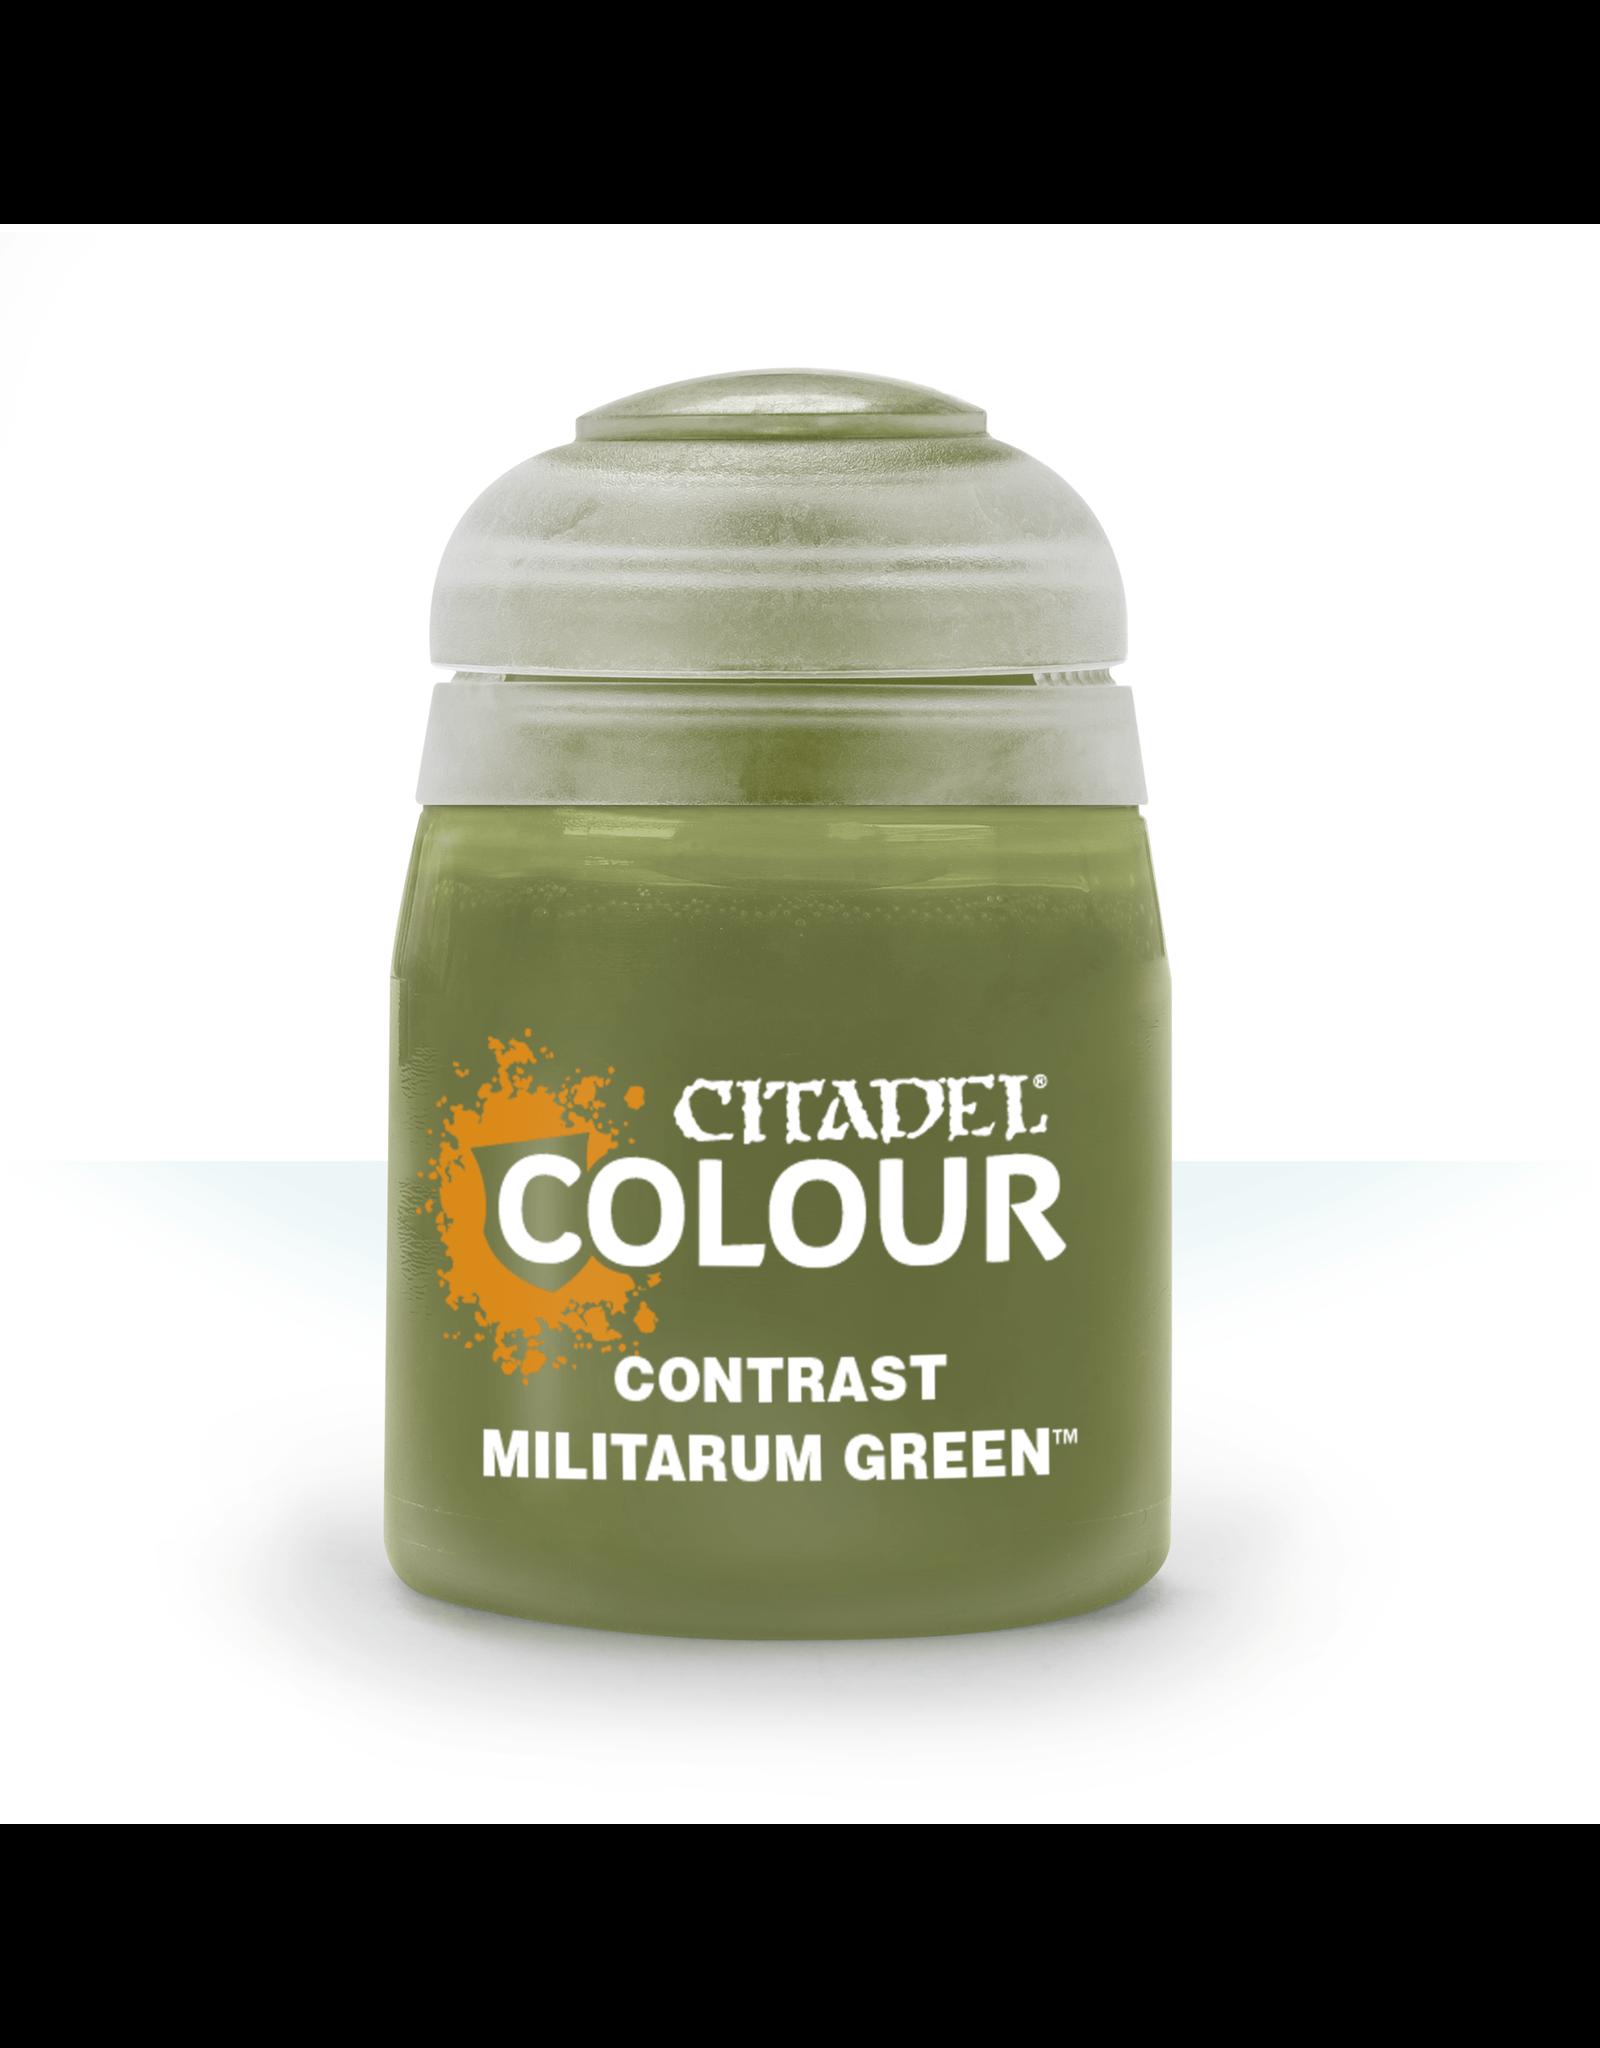 Citadel Militarum Green